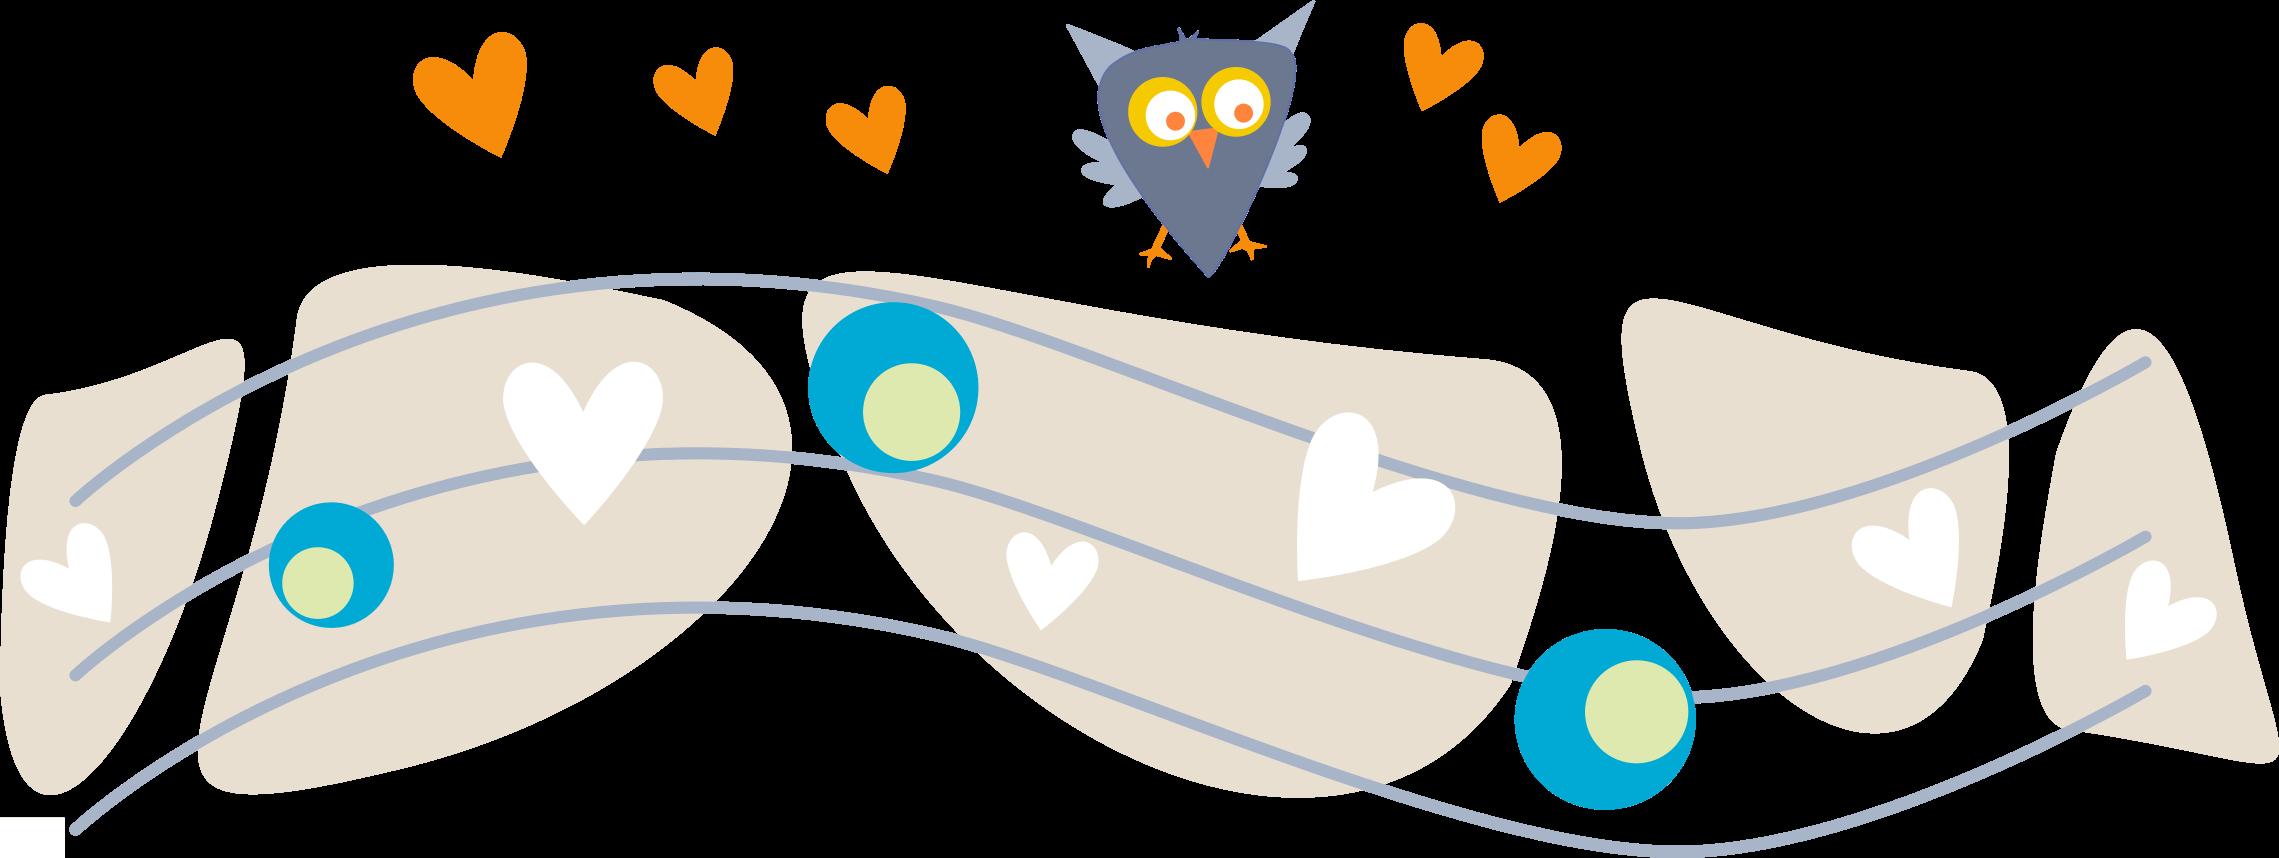 Pöllö innostunut aarteenetsintä